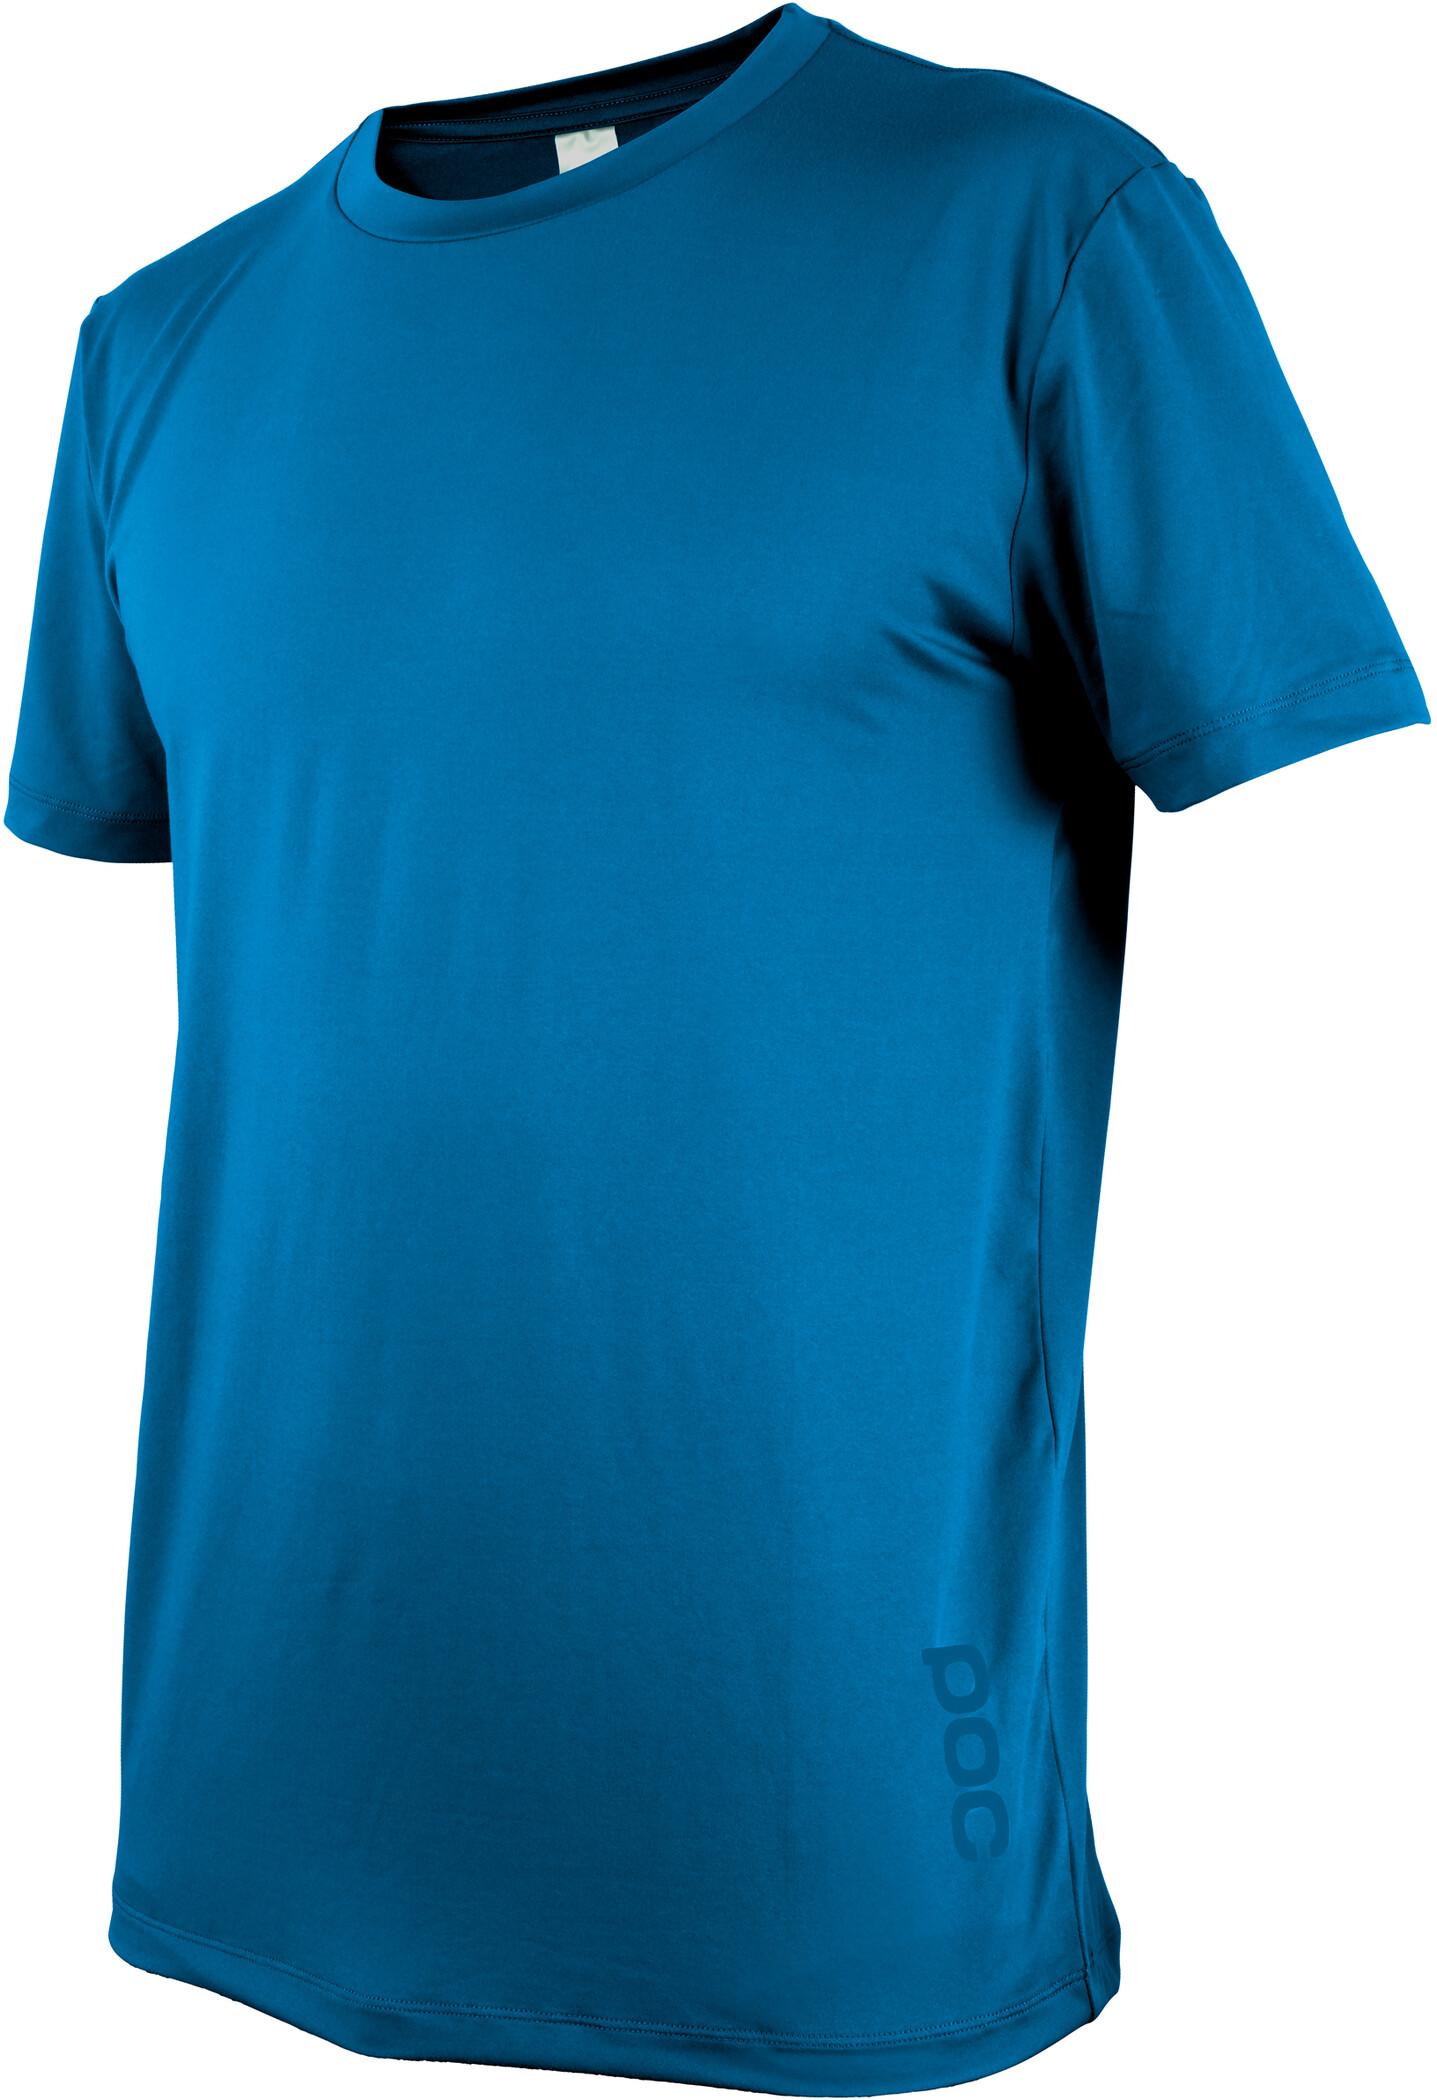 POC Resistance Enduro Kortærmet cykeltrøje Herrer, furfural blue (2019) | Jerseys